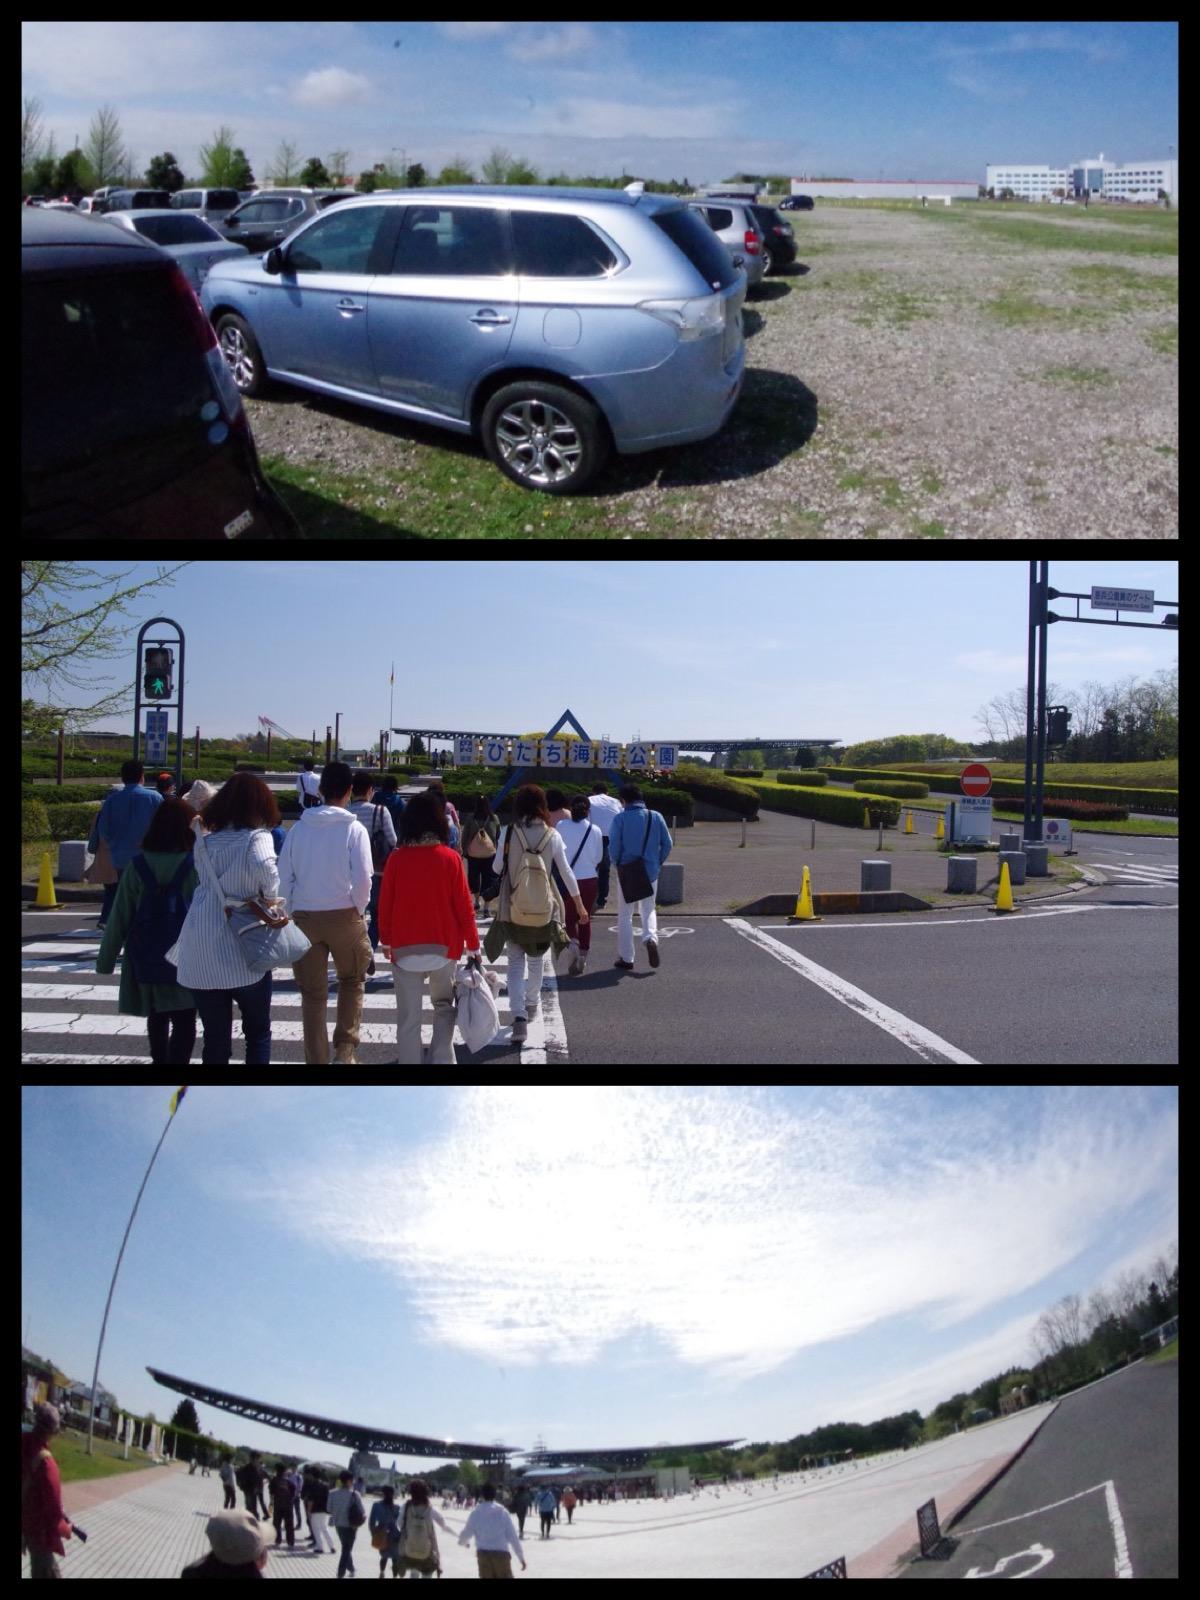 ひたち海浜公園 駐車場 2016